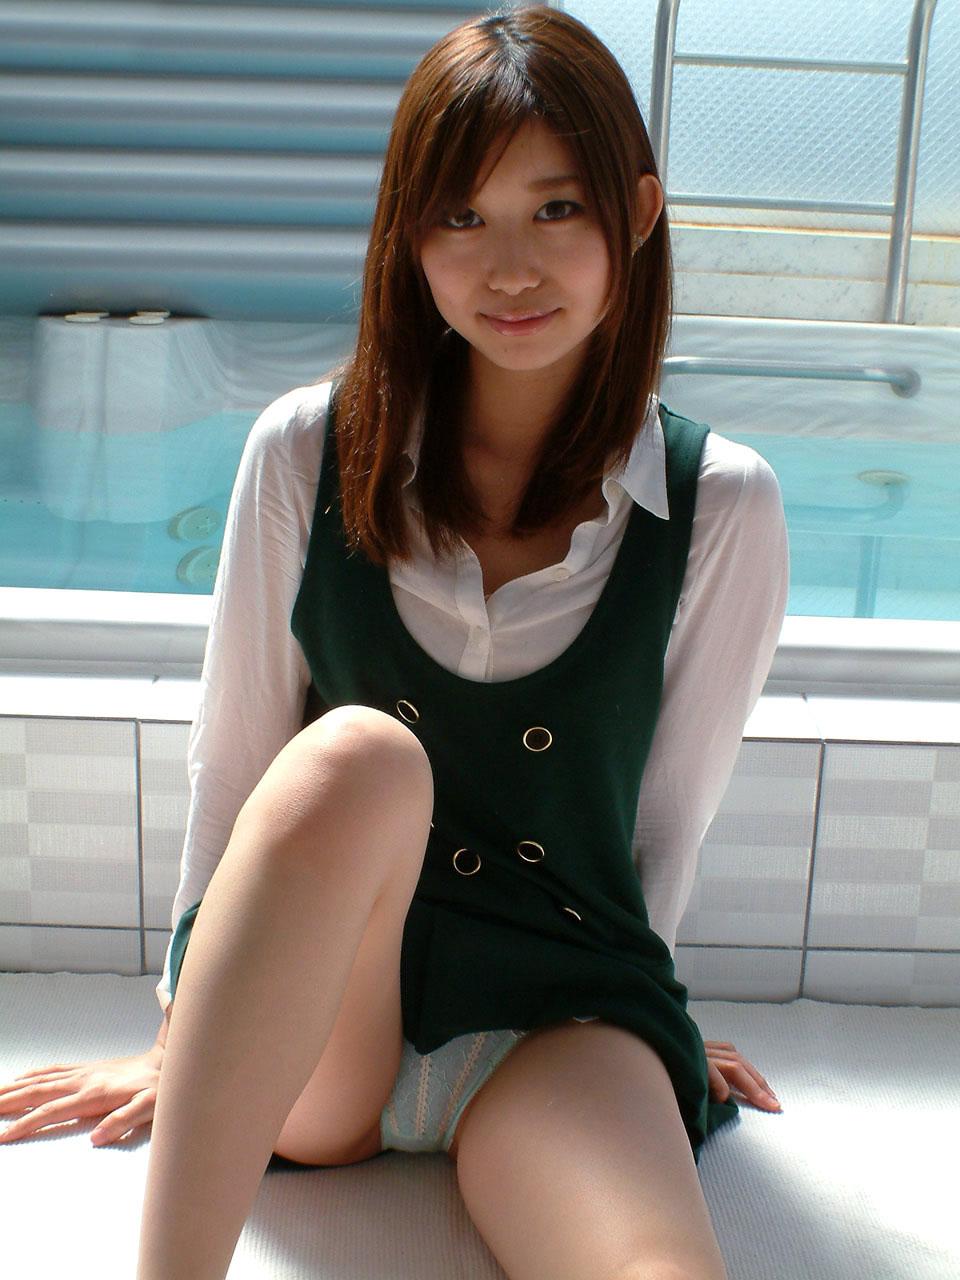 natsume inagawa sexy photos 03